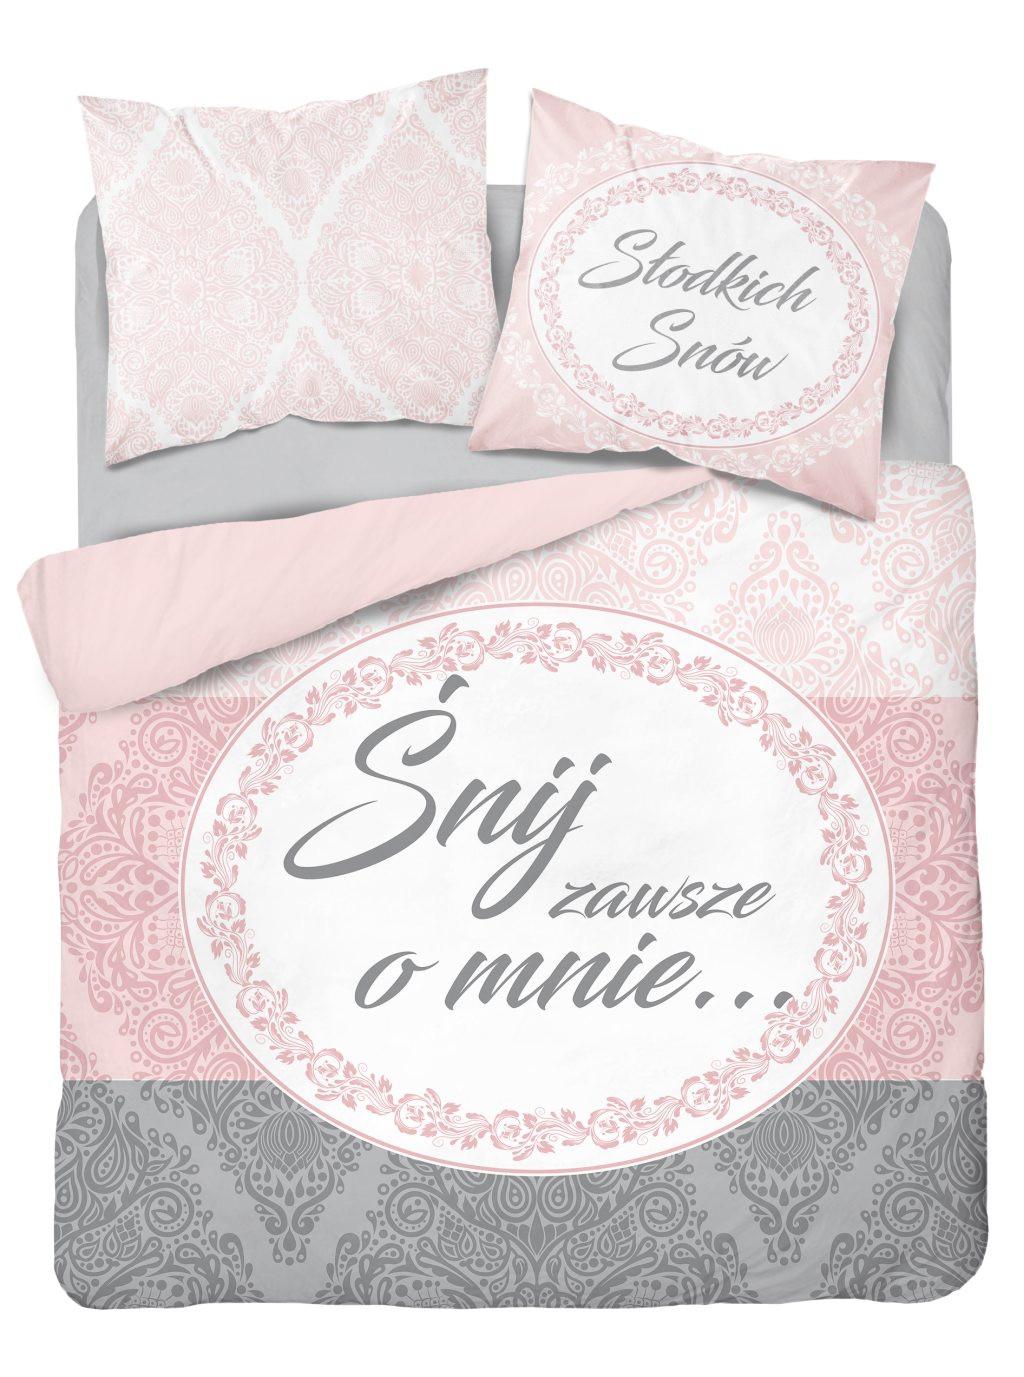 Krásně pohodlné růžově šedé bavlněné povlečení s nápisem